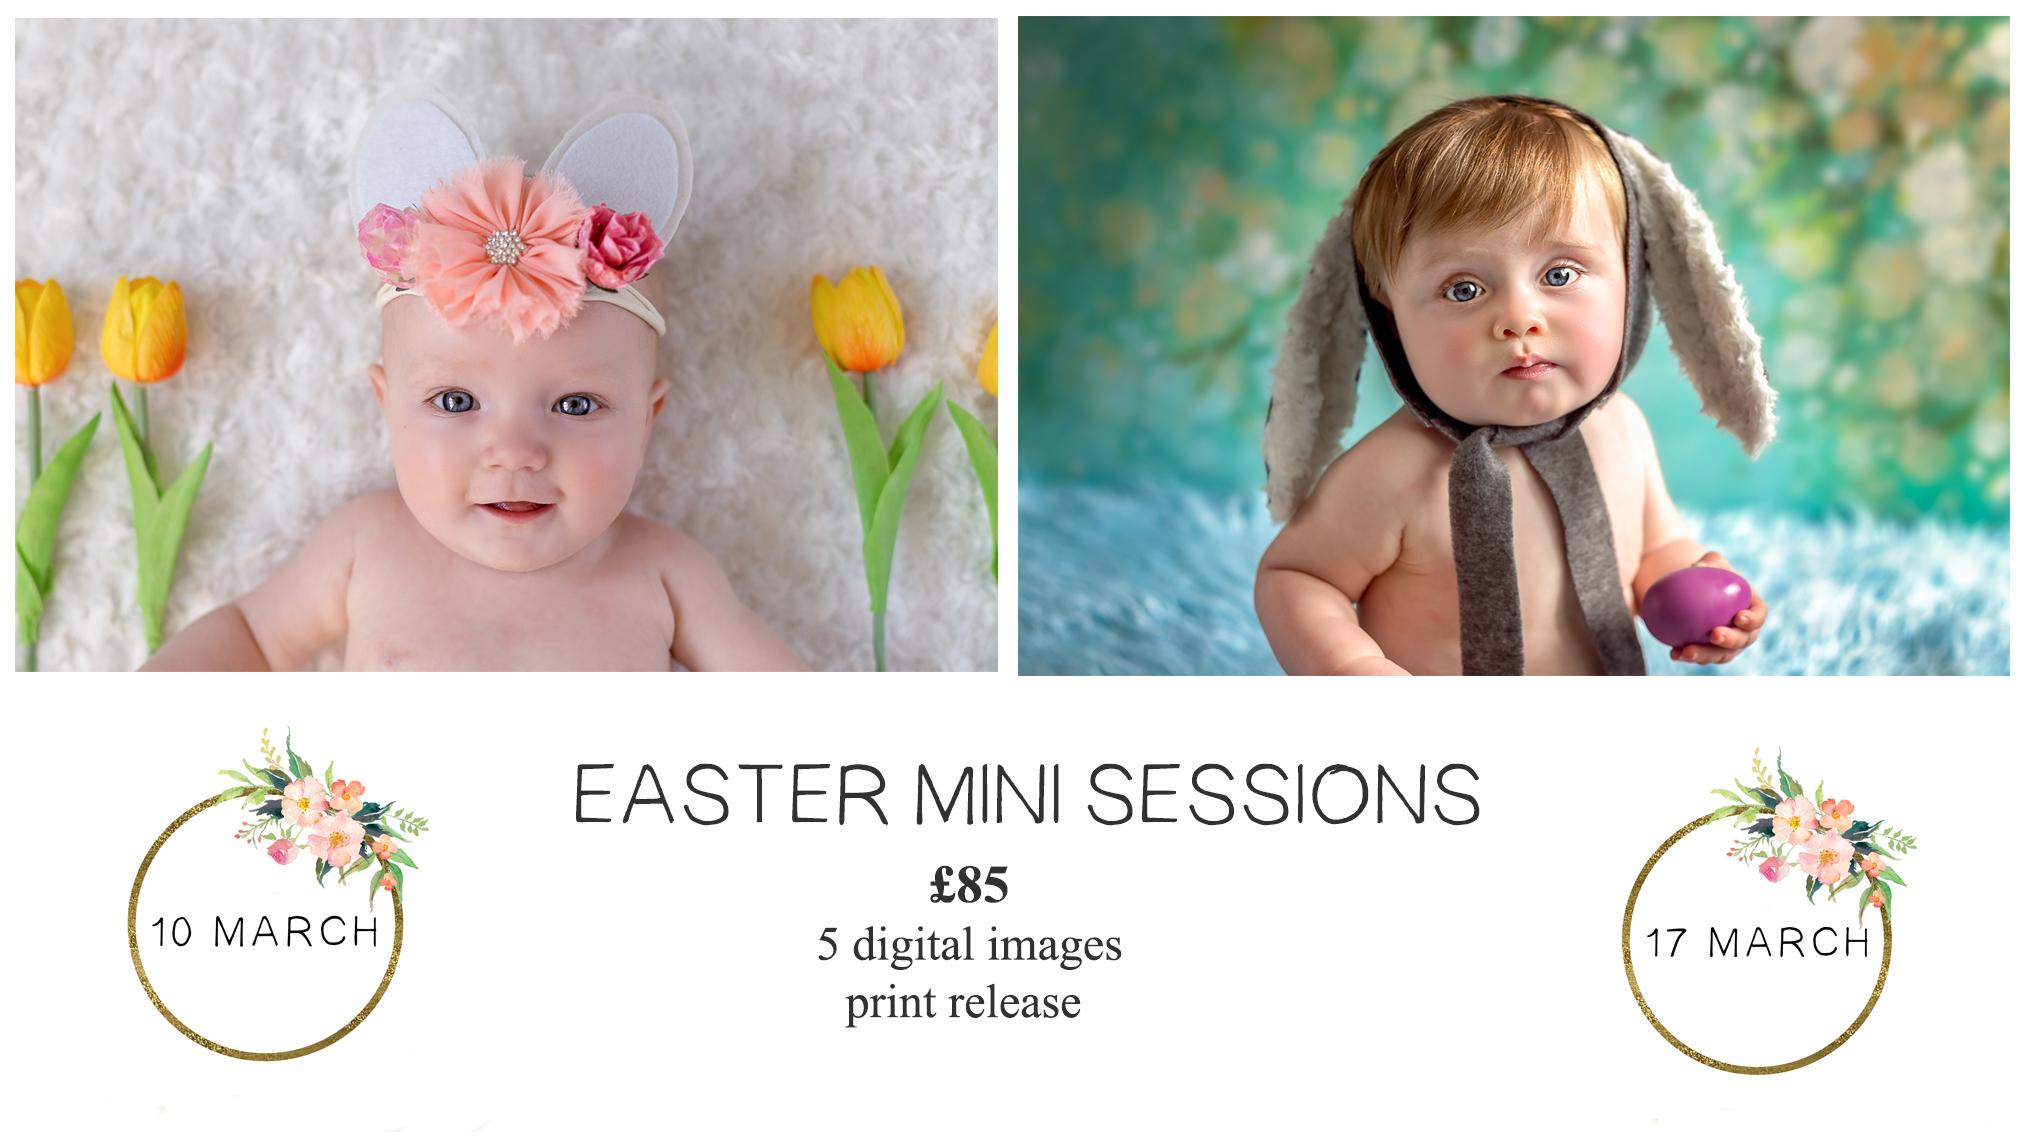 Easter-mini-sessions.JPG